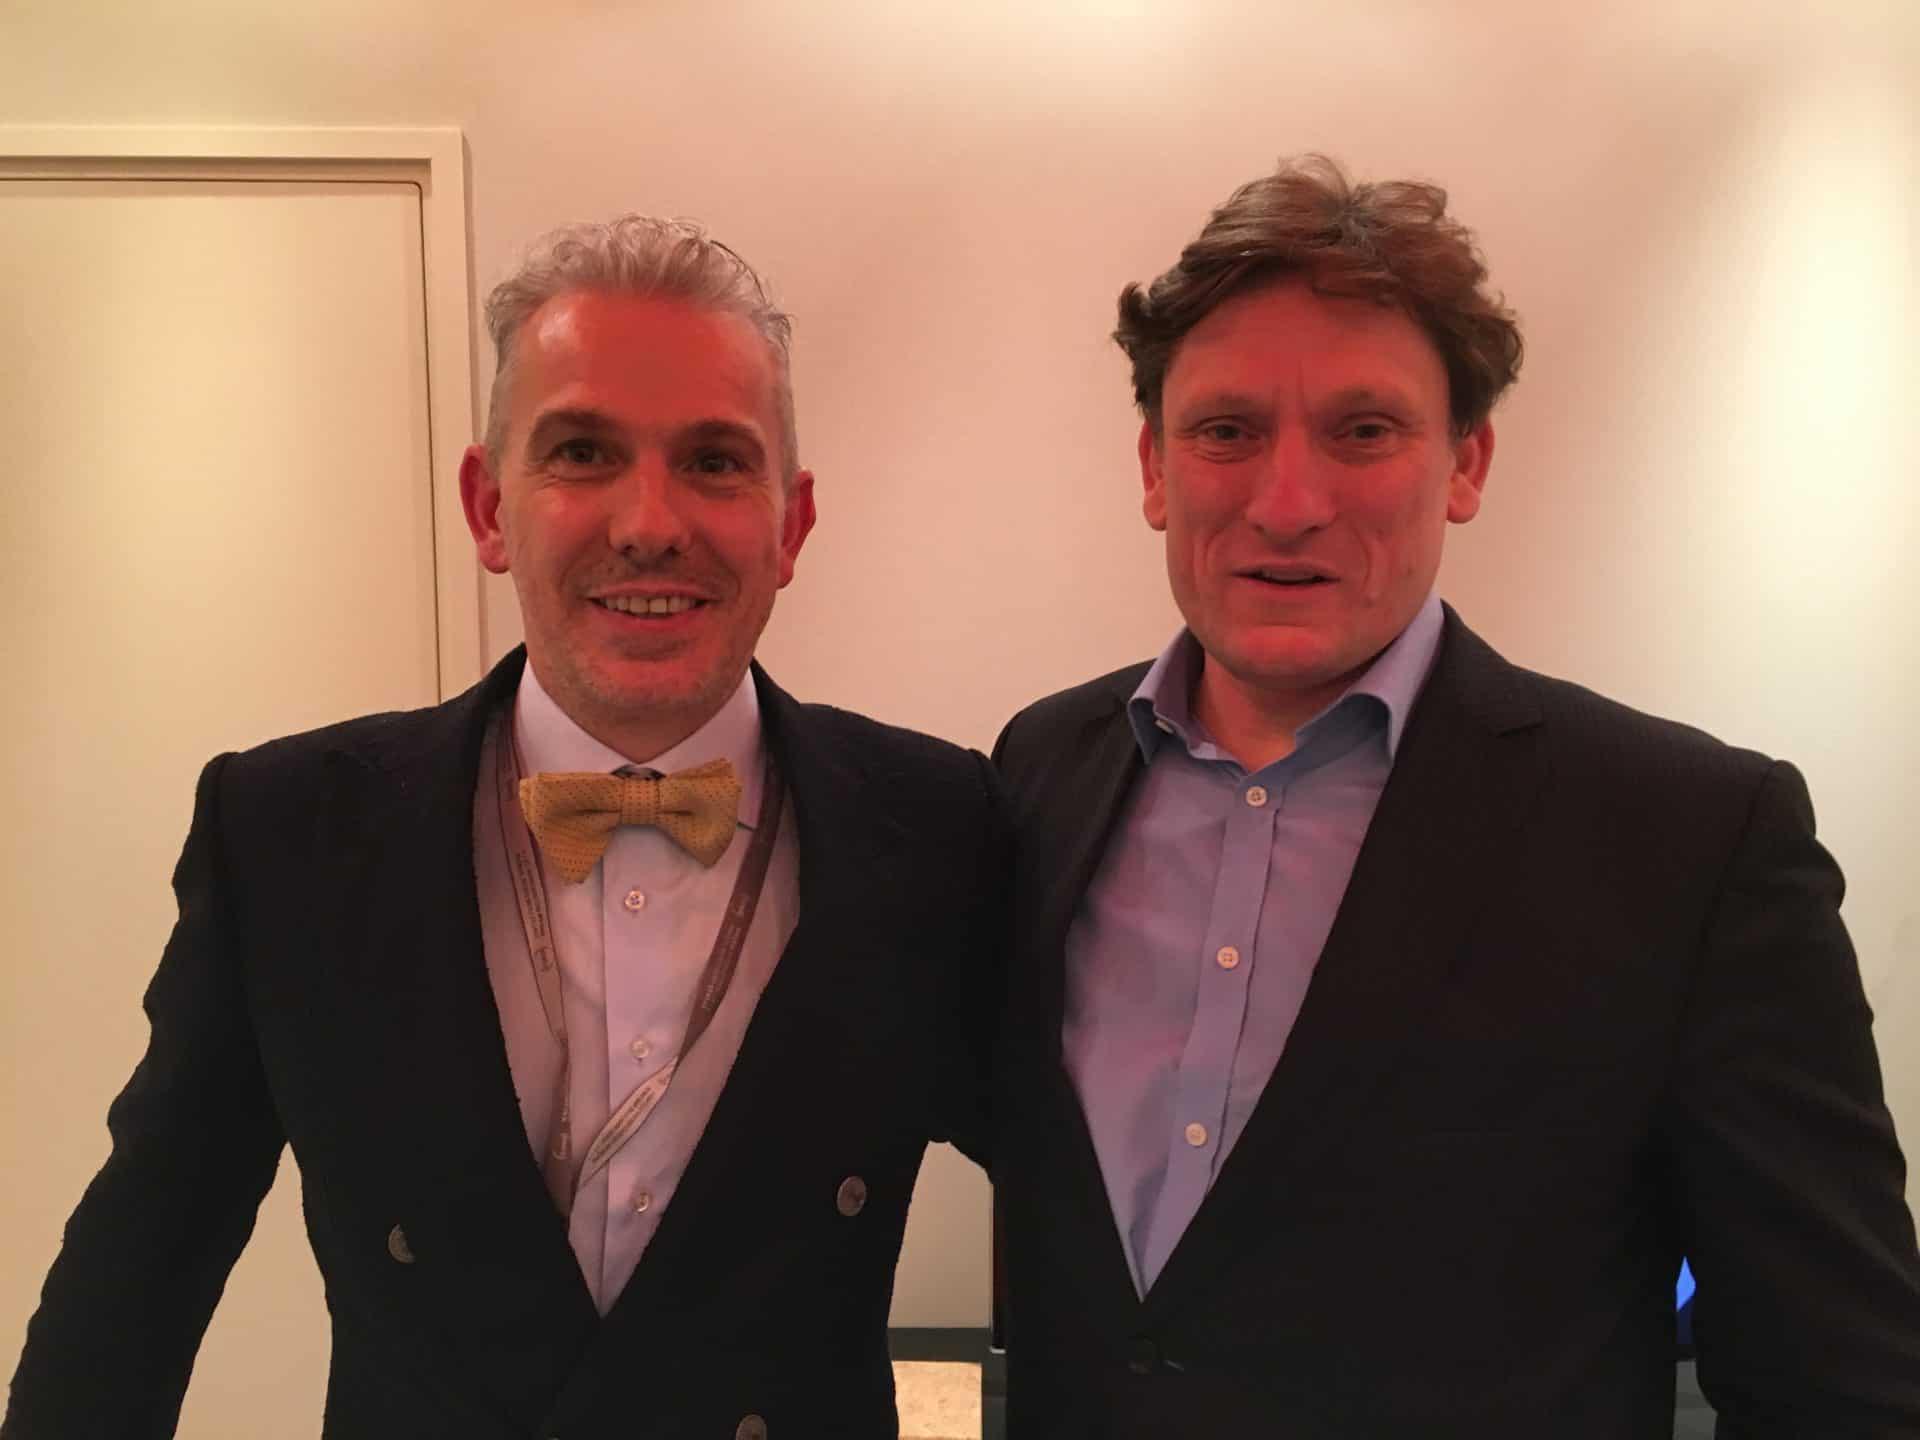 Ungewöhnliche Produkte brauchen Menschen, die stets vorwärts denken: Didier Cretin und Stephen Forsey